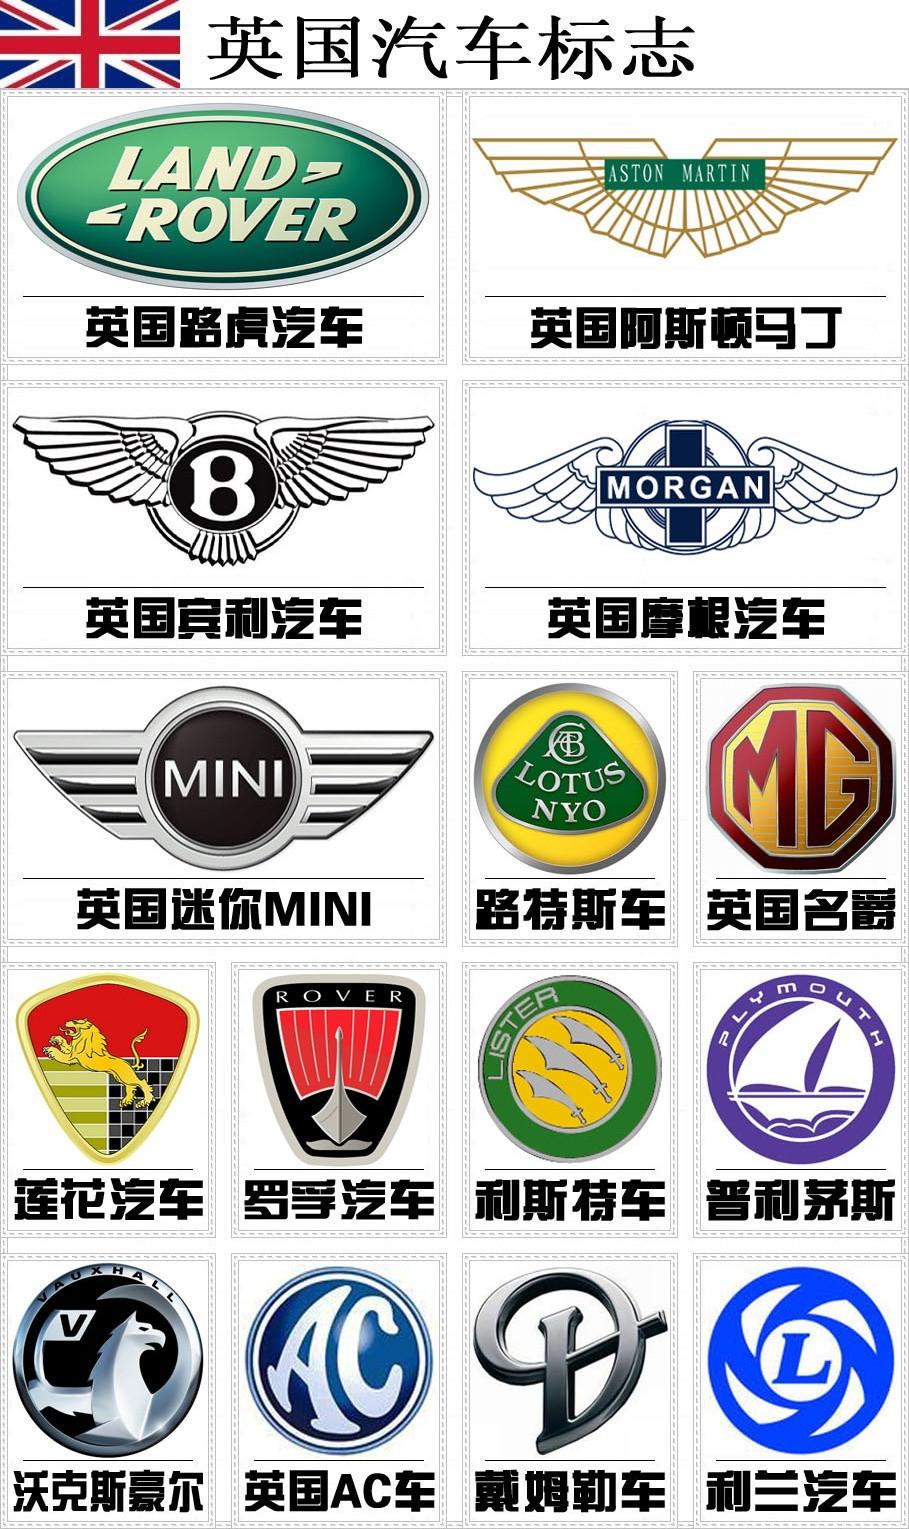 豪车标志图片大全_新汽车标志图片大全 - 南方财富网